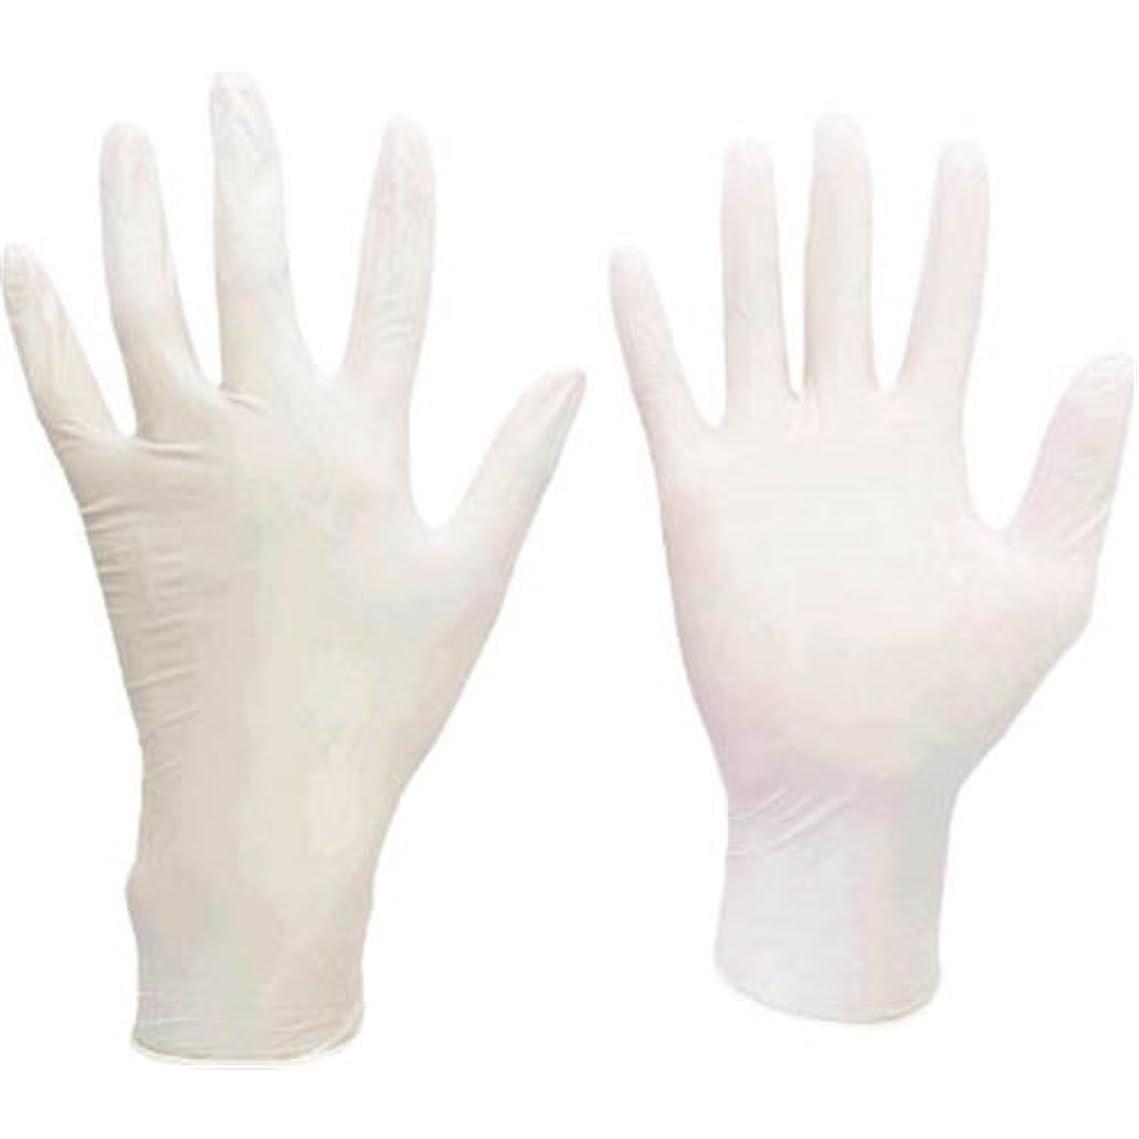 指導する霧深い政府ミドリ安全/ミドリ安全 ニトリル使い捨て手袋 極薄 粉なし 100枚入 白 M(3889084) VERTE-711-M